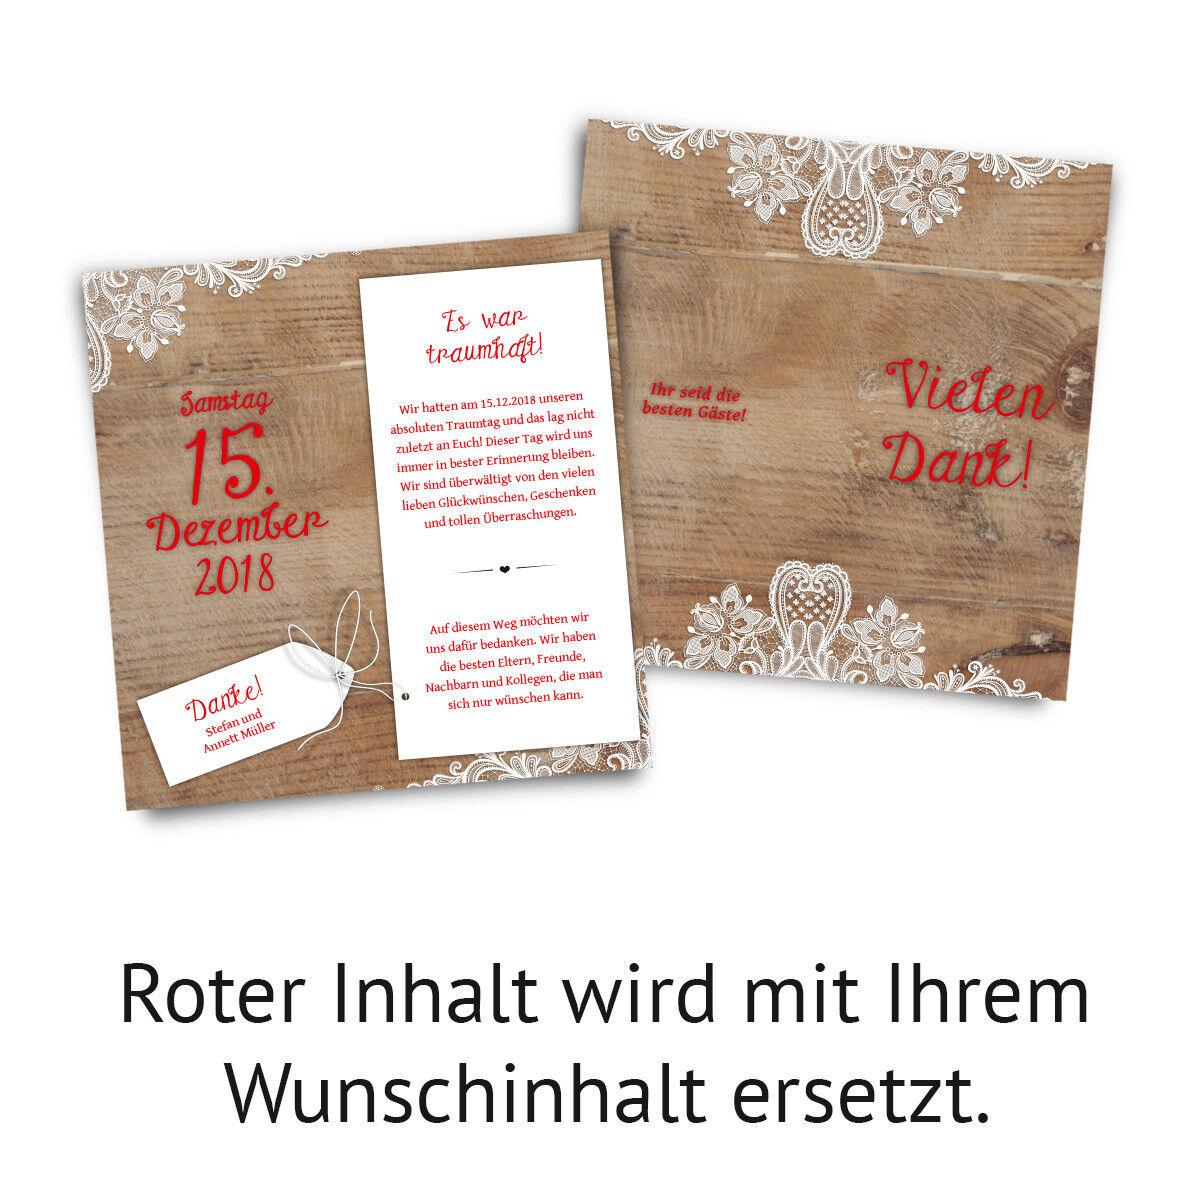 Hochzeit Hochzeit Hochzeit Dankeskarten Danksagungskarte DIN Lang Klappkarte Rustikal weiße Spitze  | Online einkaufen  | Niedriger Preis  ee6f48